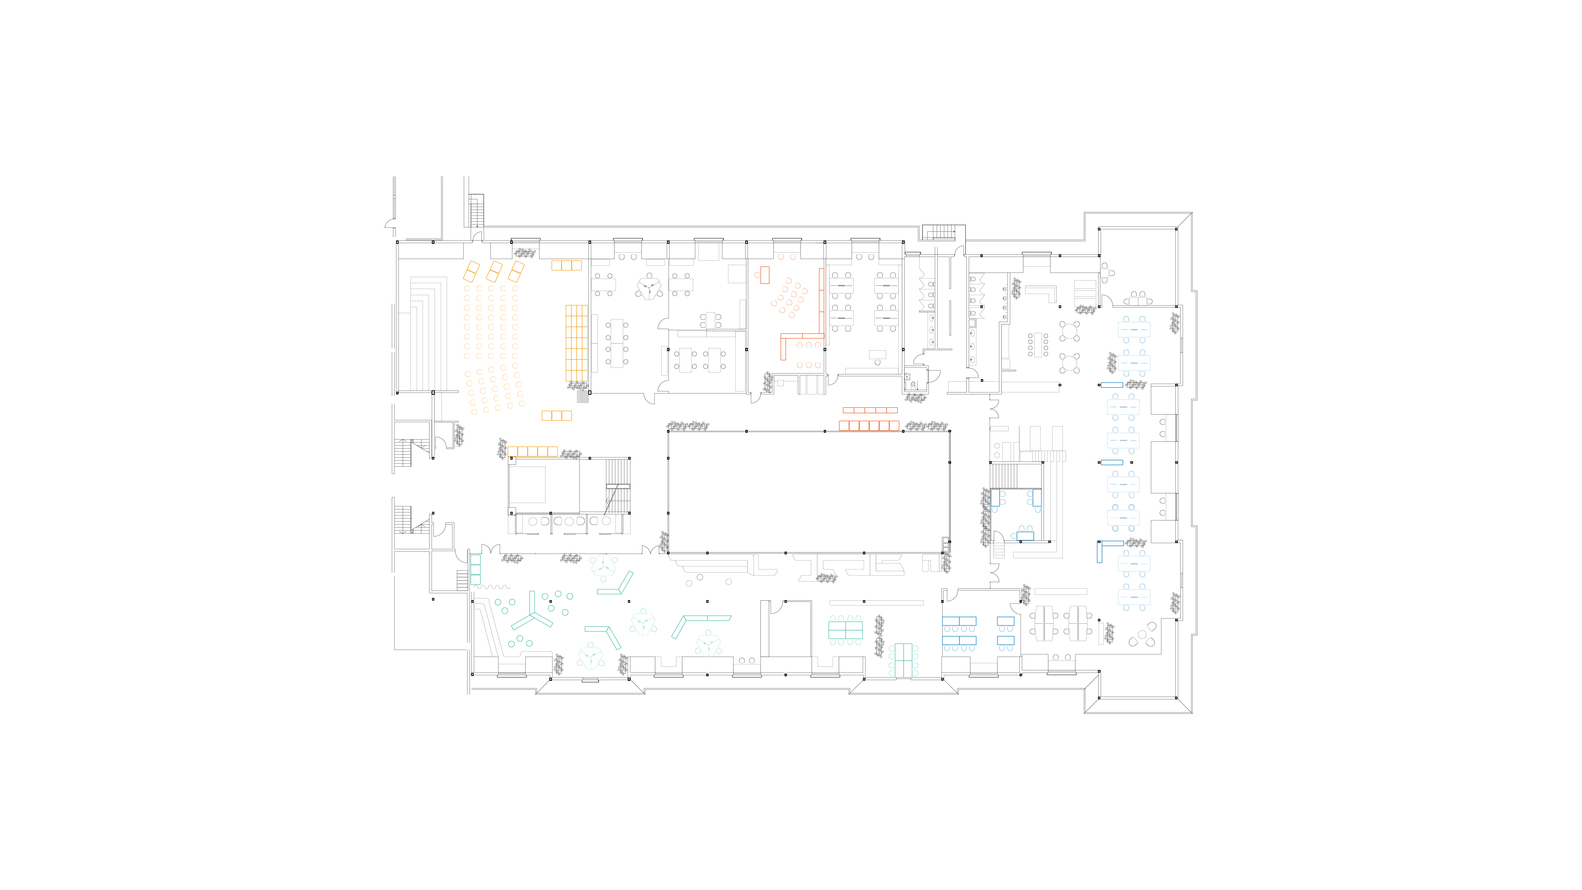 private sezin school open roof space floor plan [ 1582 x 890 Pixel ]